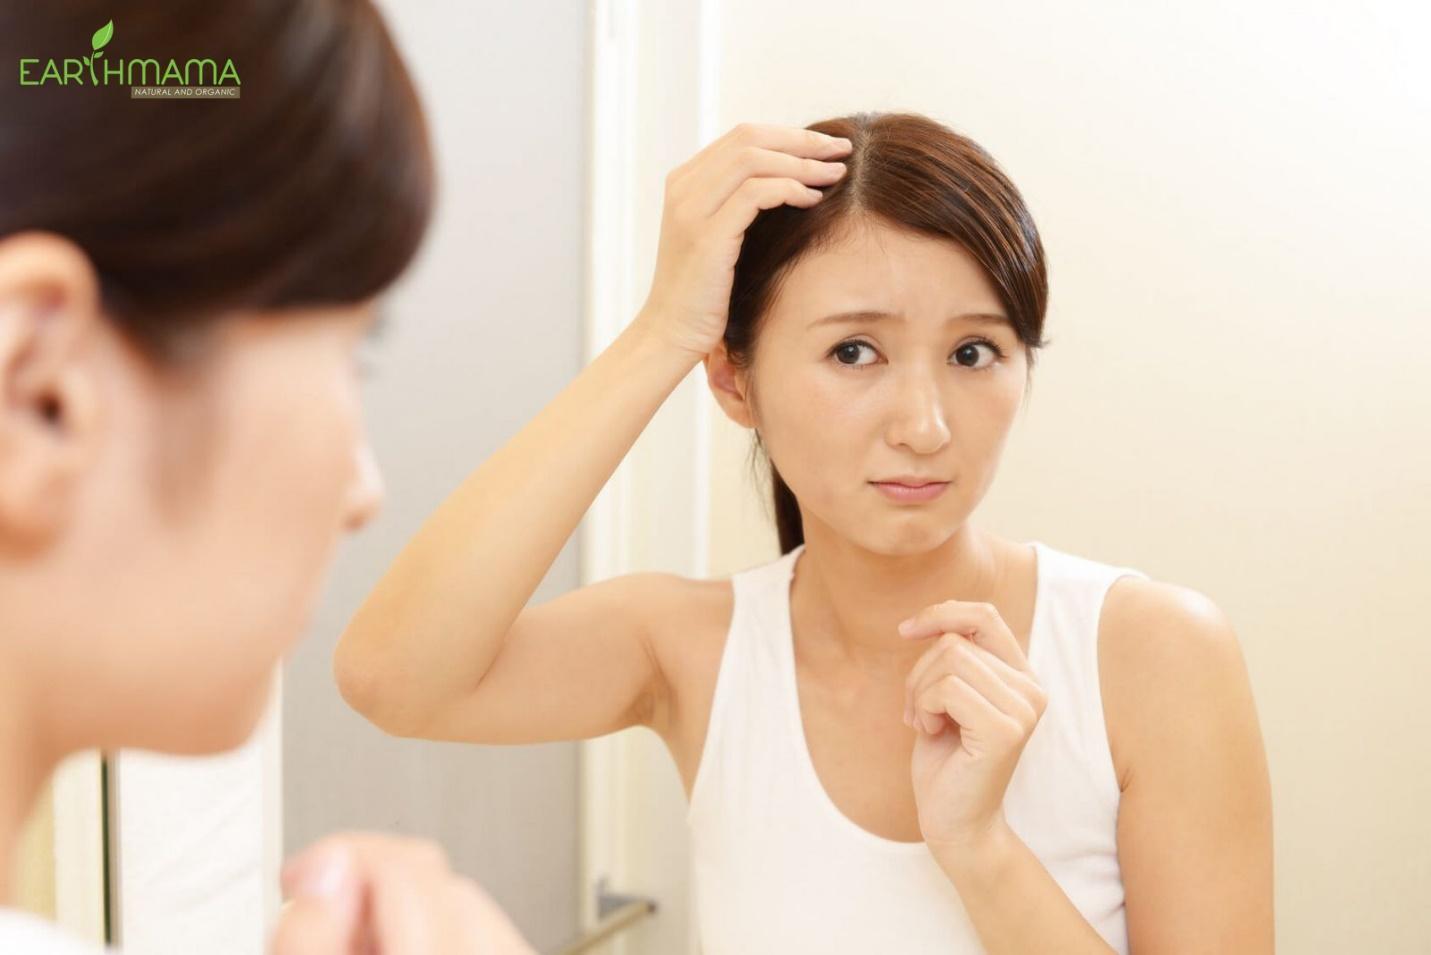 Việc bôi sáp không tẩy kỹ lưỡng cũng làm tăng chất nhờn, kích ứng và ngứa da đầu